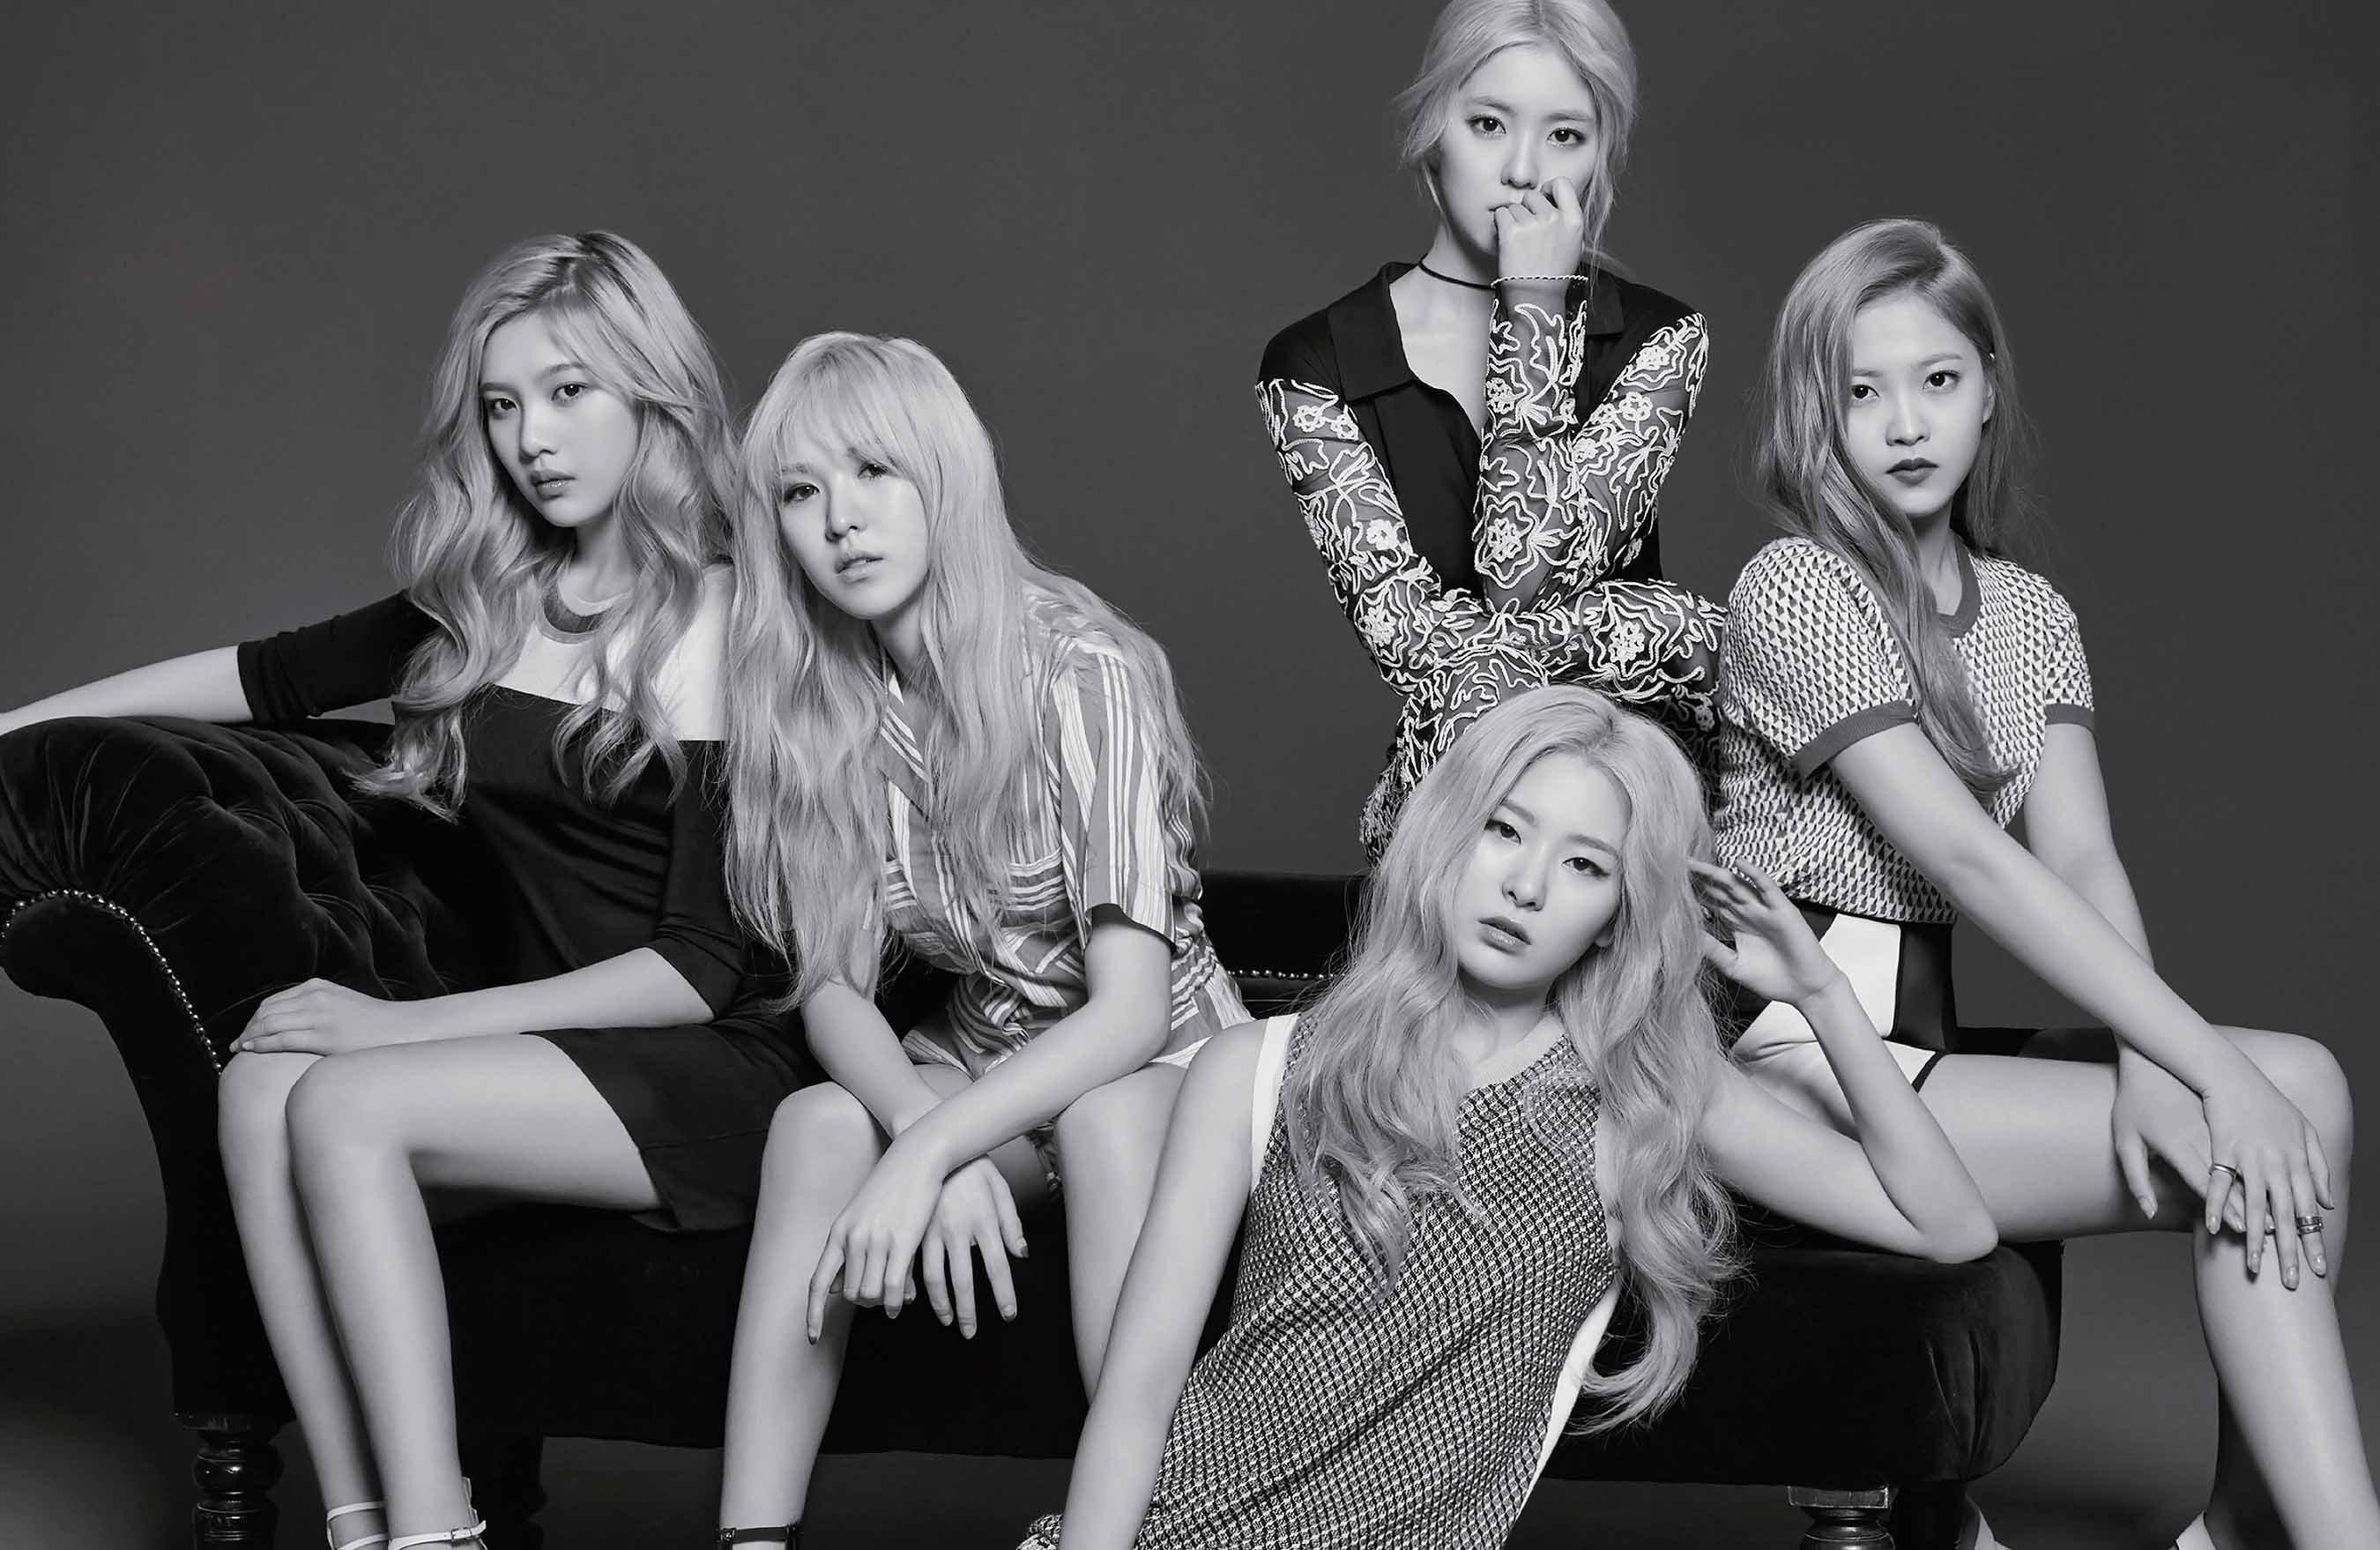 Red Velvet Kpop Girl Power Photo 40648693 Fanpop